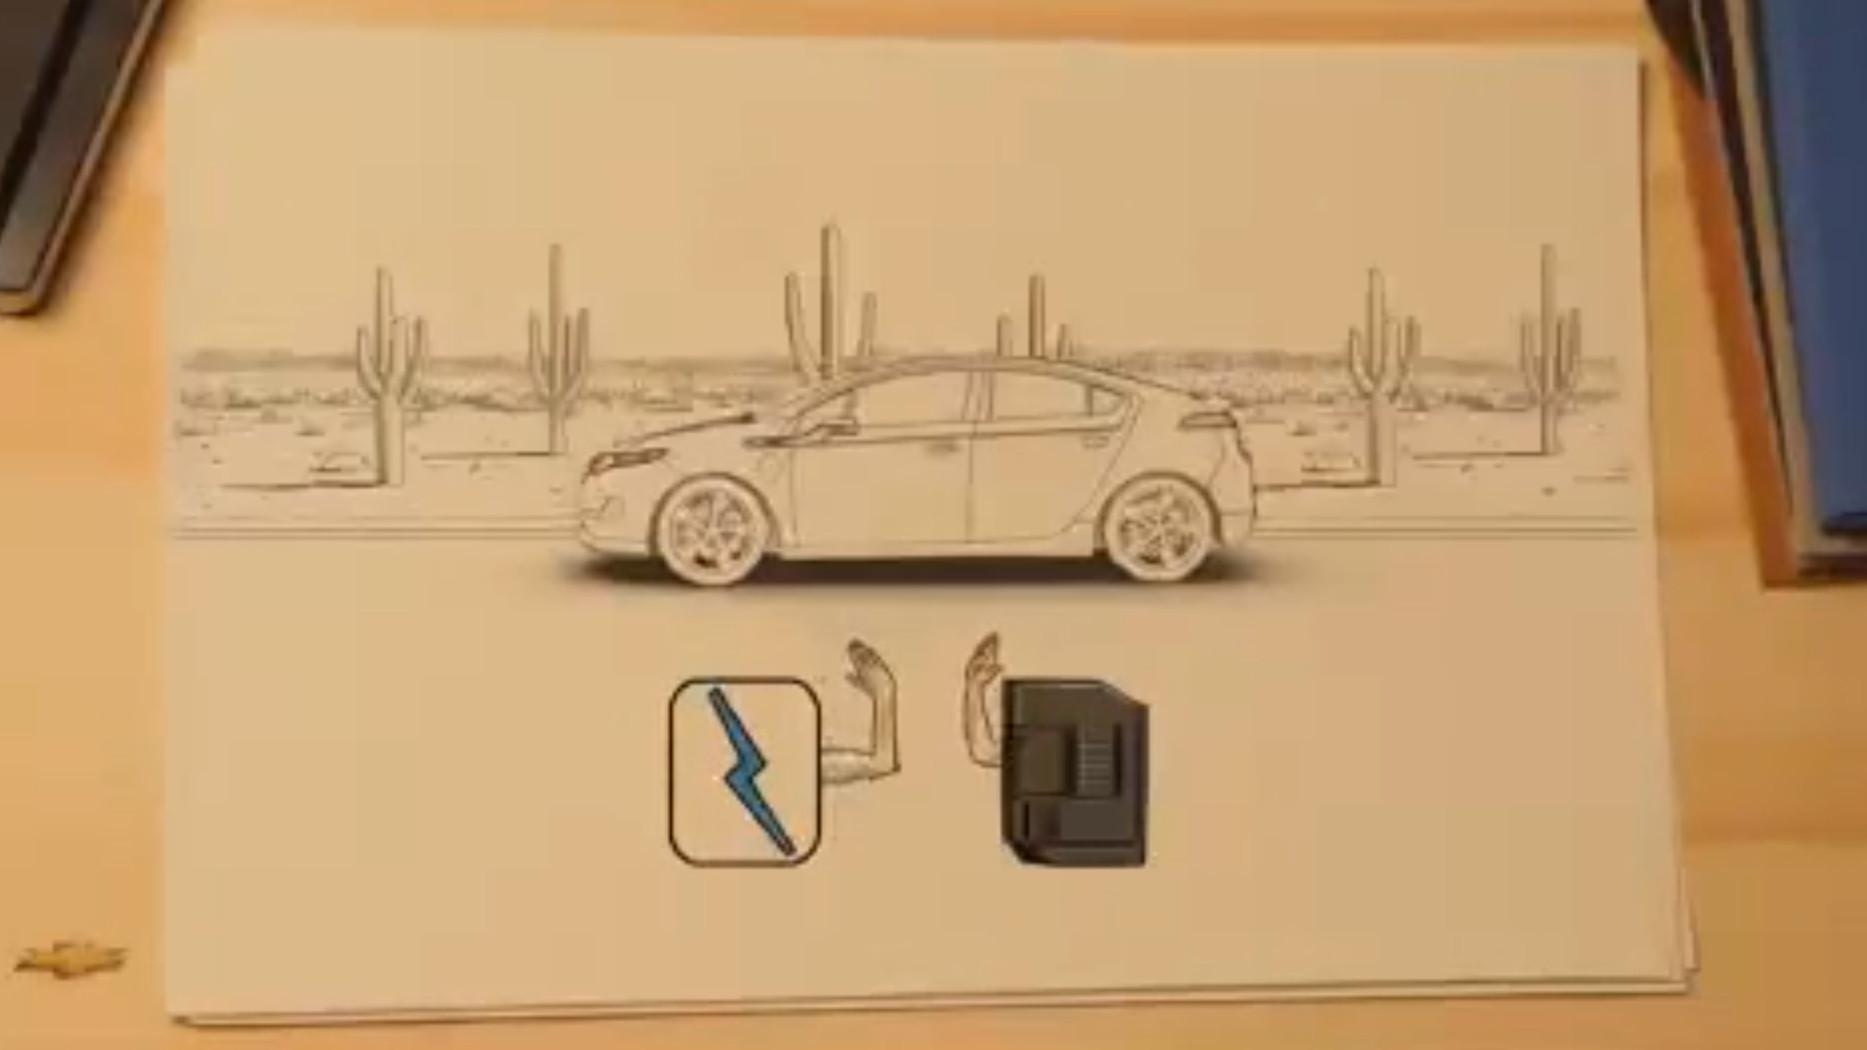 Chevy Volt via QR Code erklärt